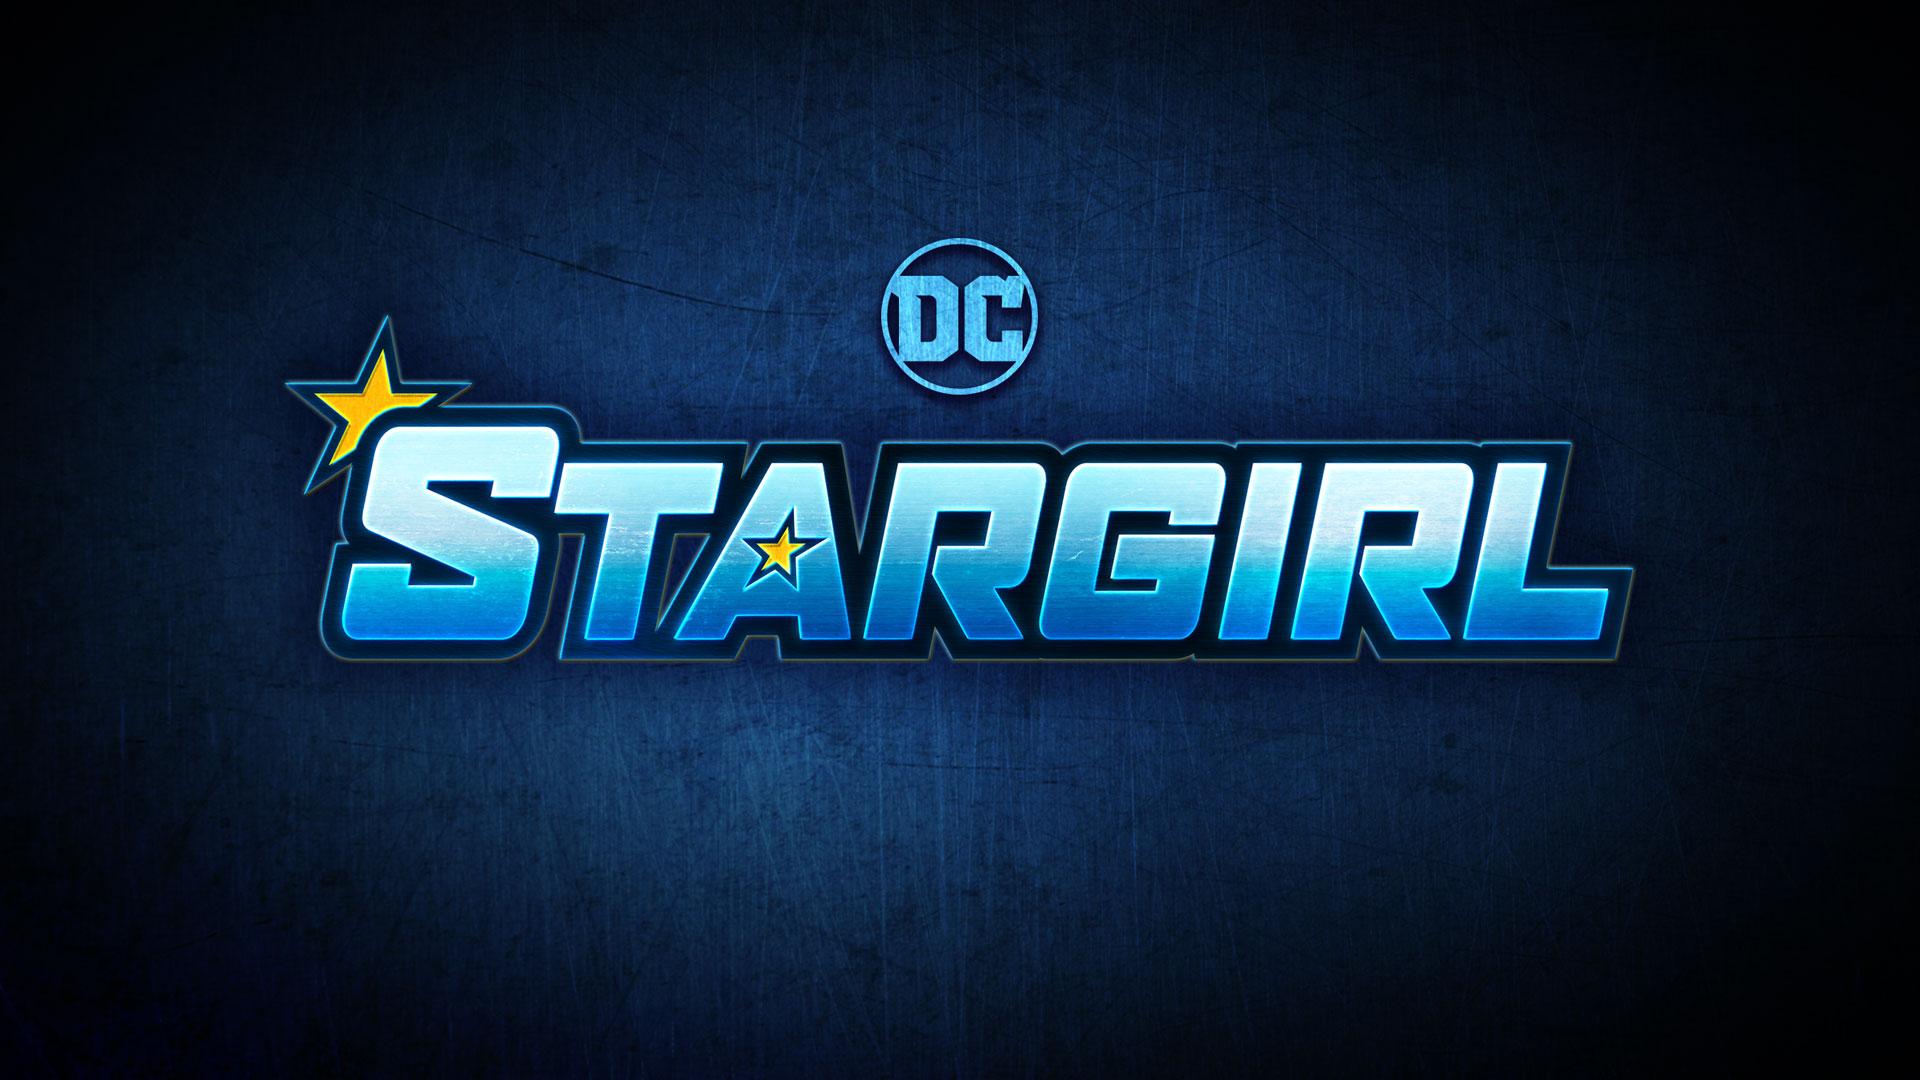 201808-news-stargirl-1280x720-header-v1.jpg